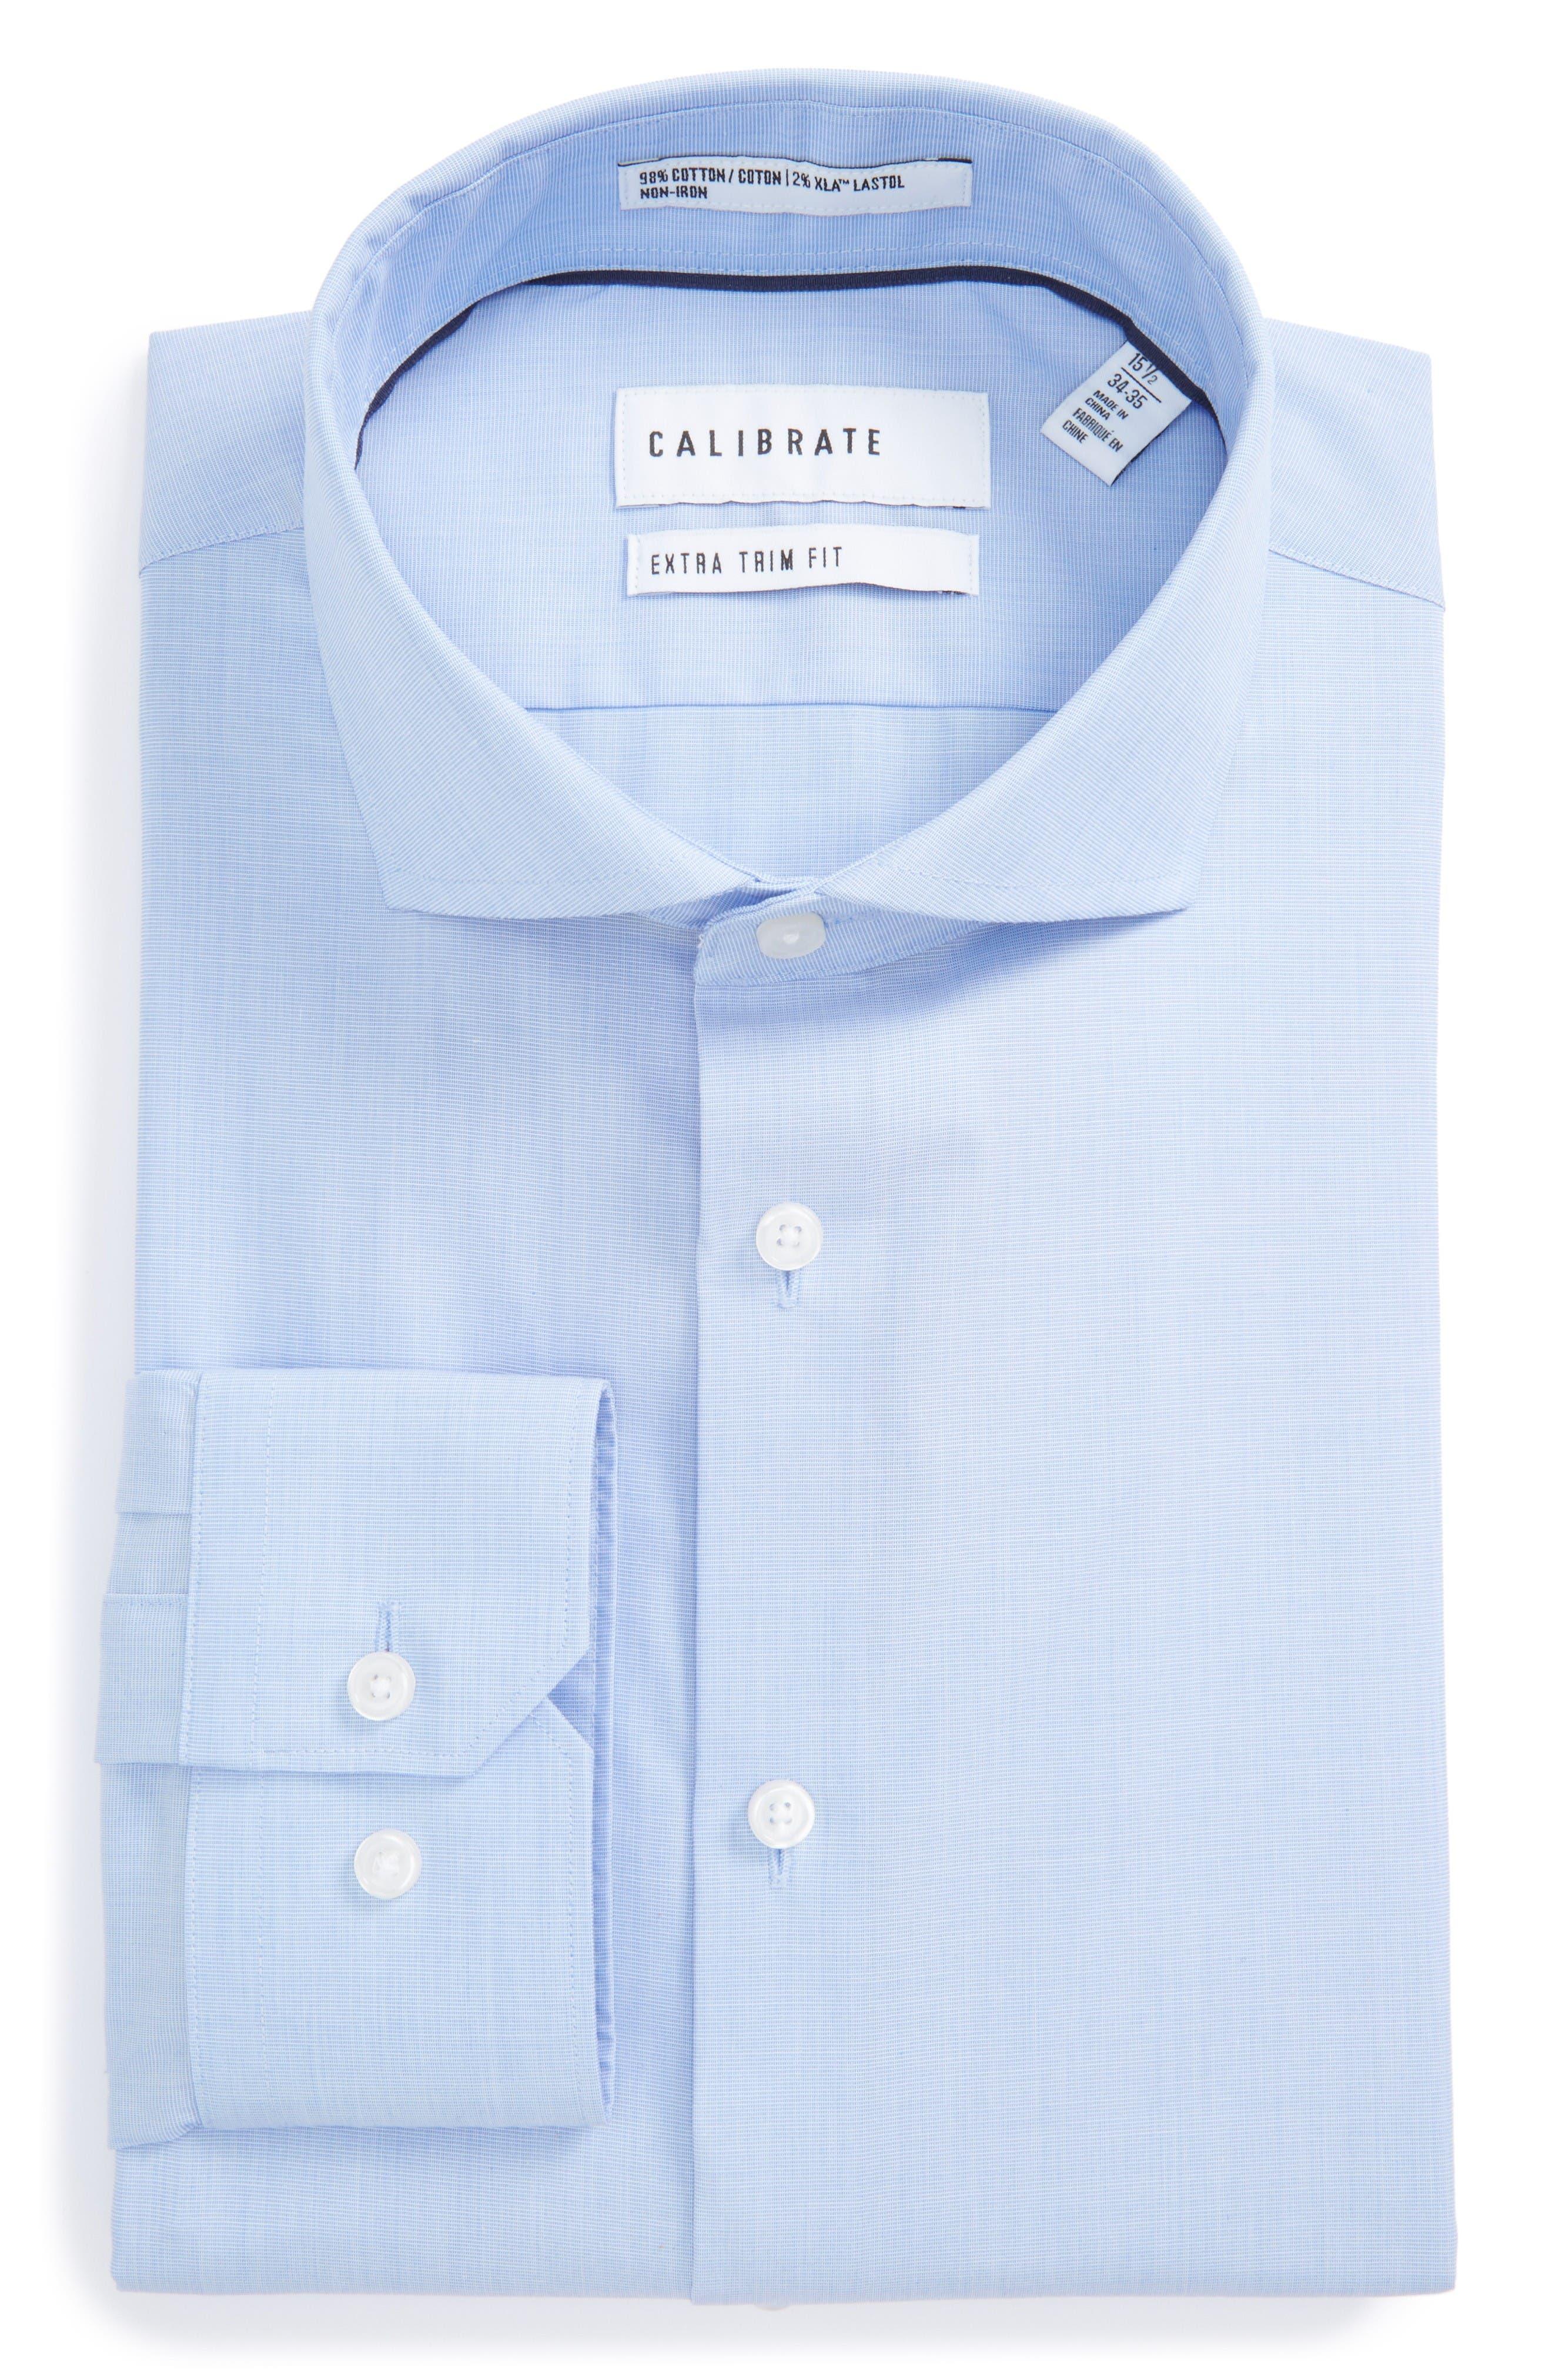 Calibrate Extra Trim Fit Stretch No-Iron Dress Shirt